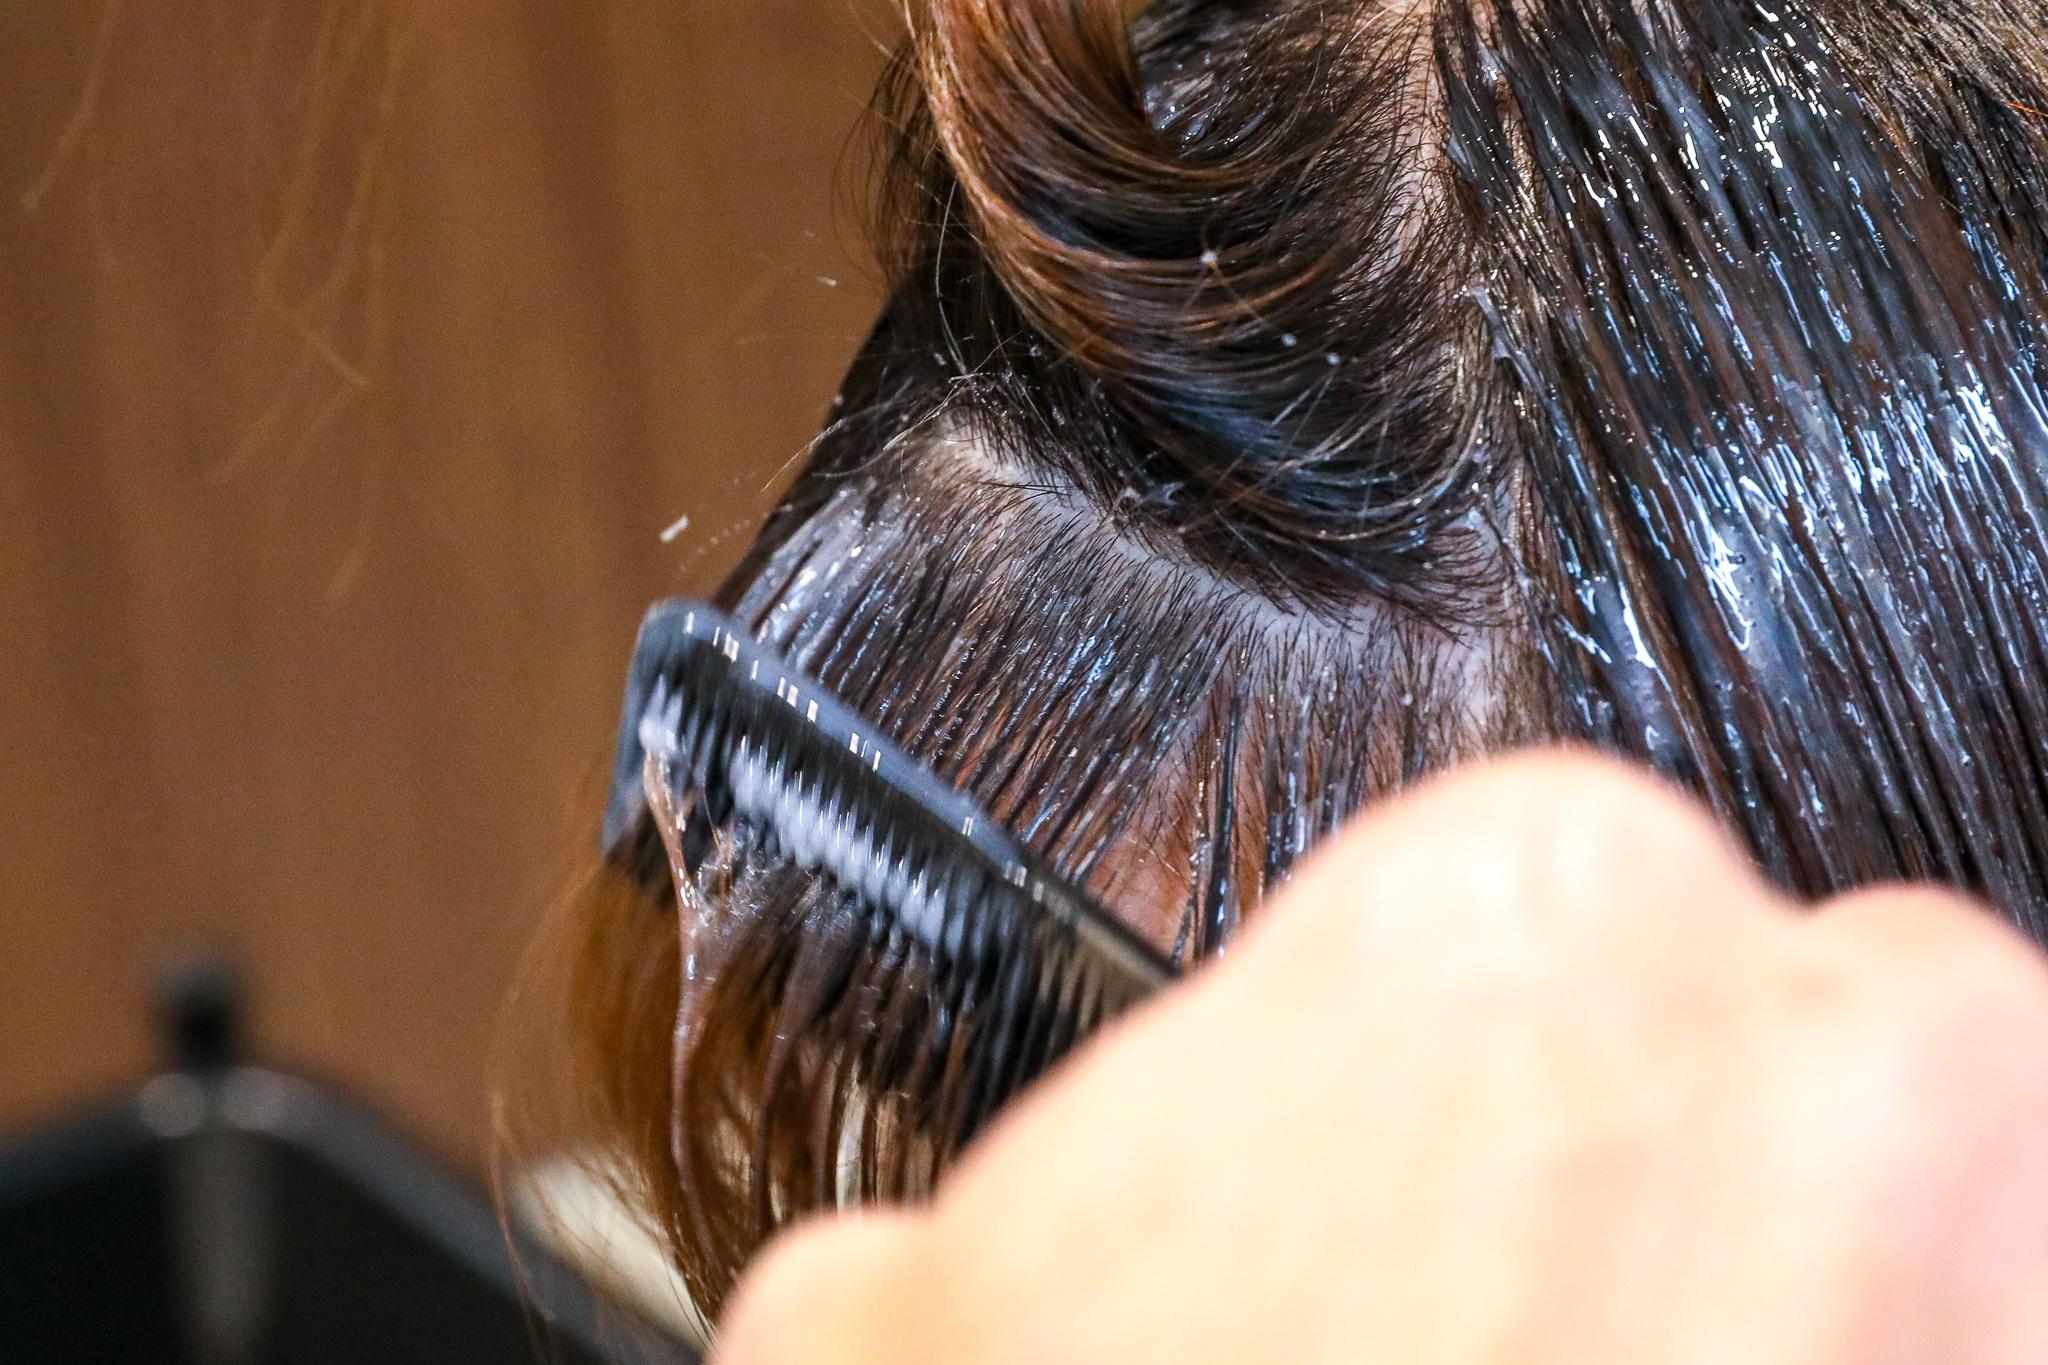 台北車站髮廊推薦,V秀造型髮藝,結構式護髮,台北髮廊推薦,台北染髮,台北車站染髮,台北車站護髮,結構式護髮價錢,V Show salon 造型髮藝,V秀造型髮藝,台北市染髮